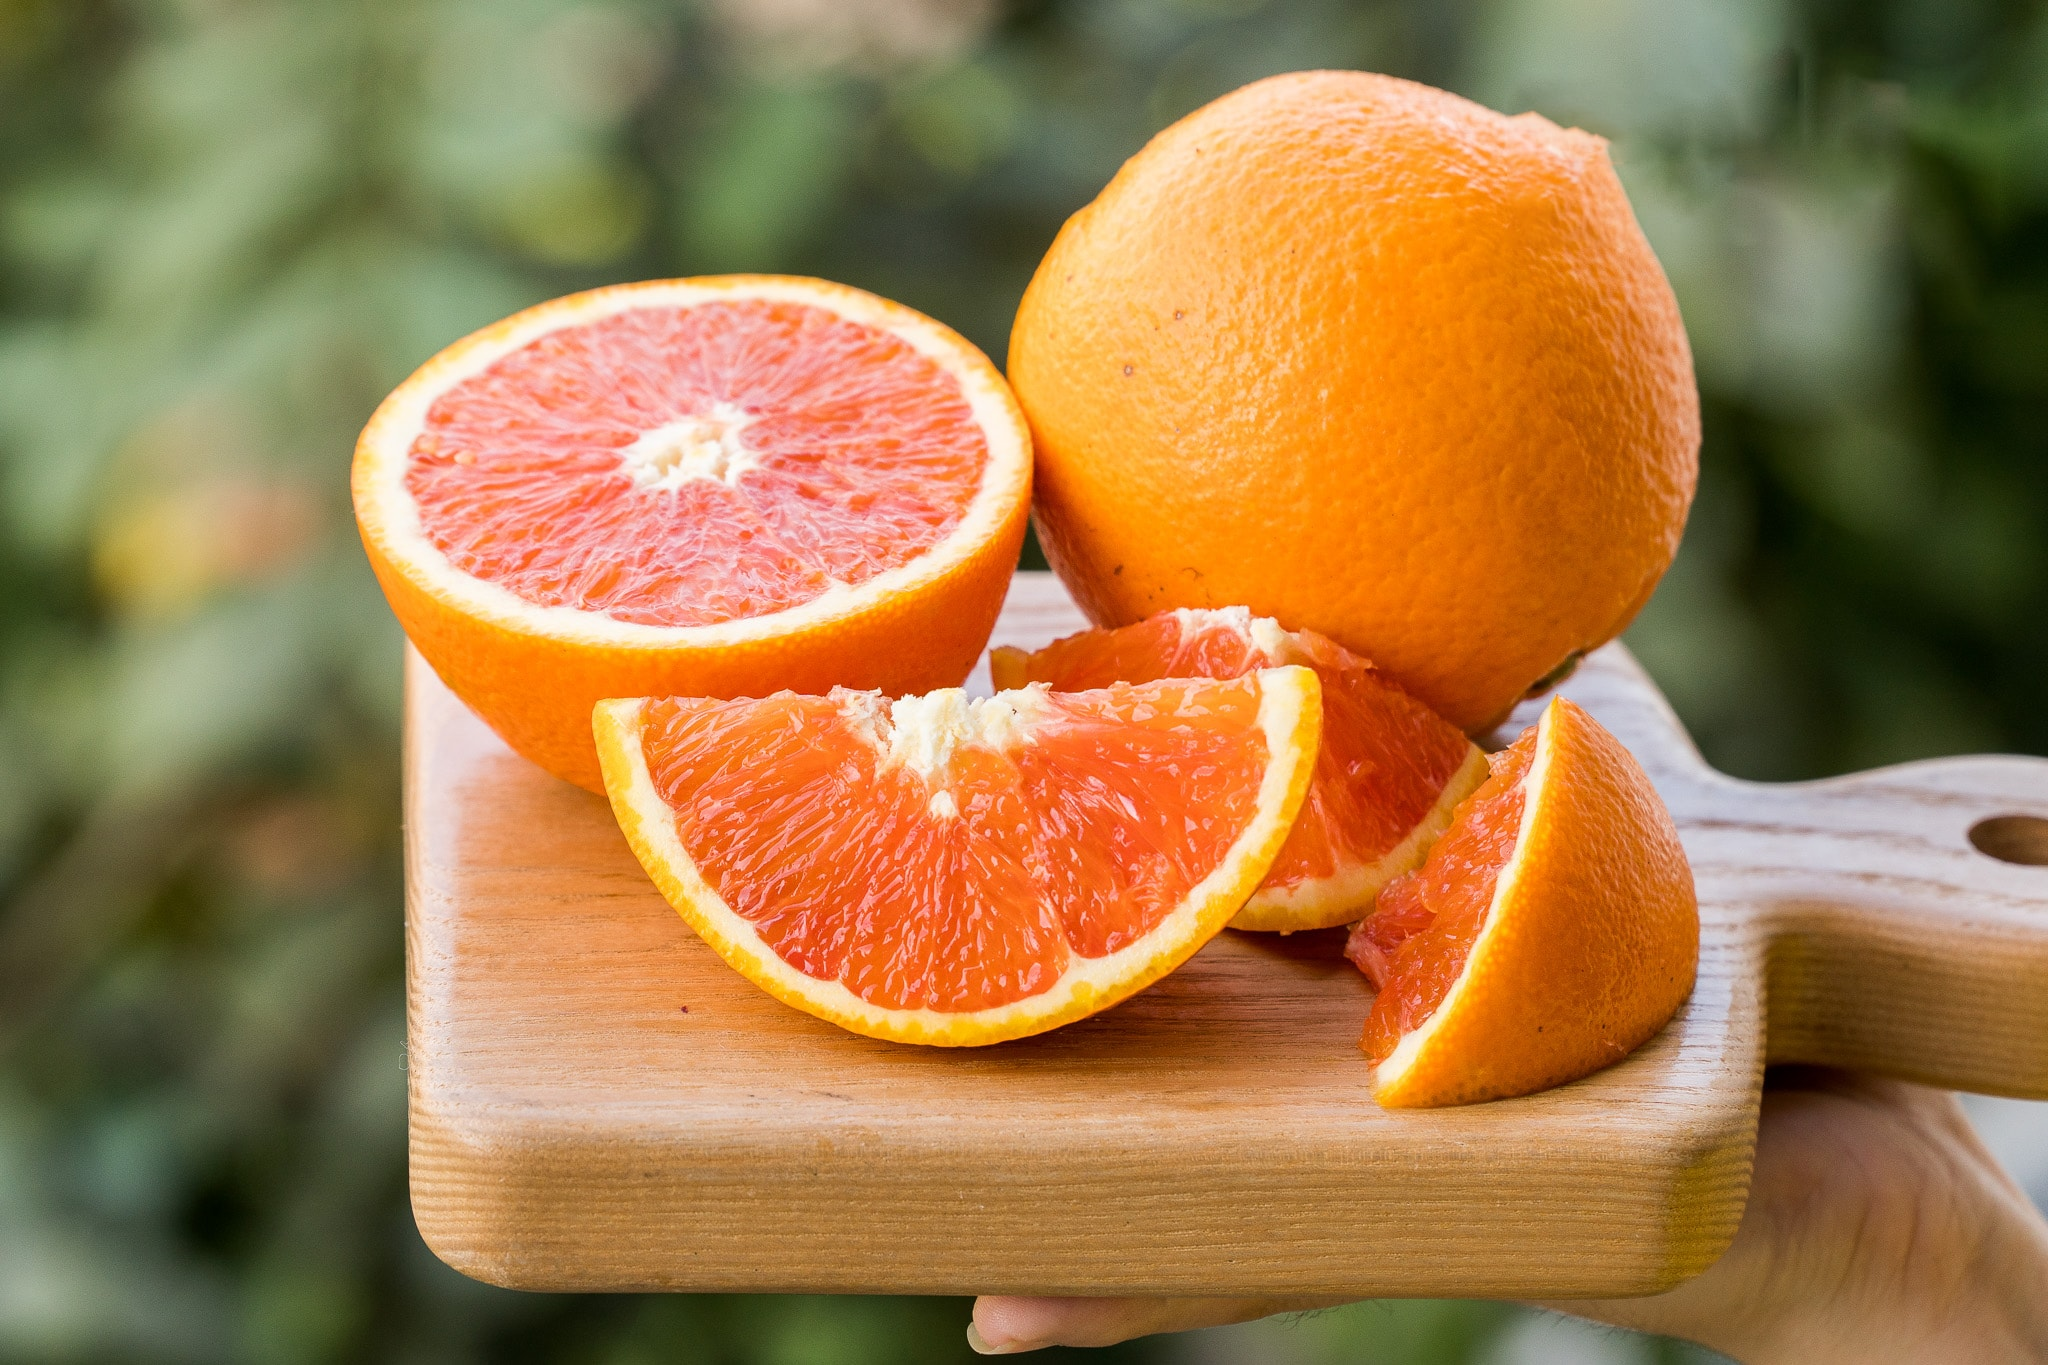 Các món ăn giảm cân tốt nhất - trái cây họ cam quyts